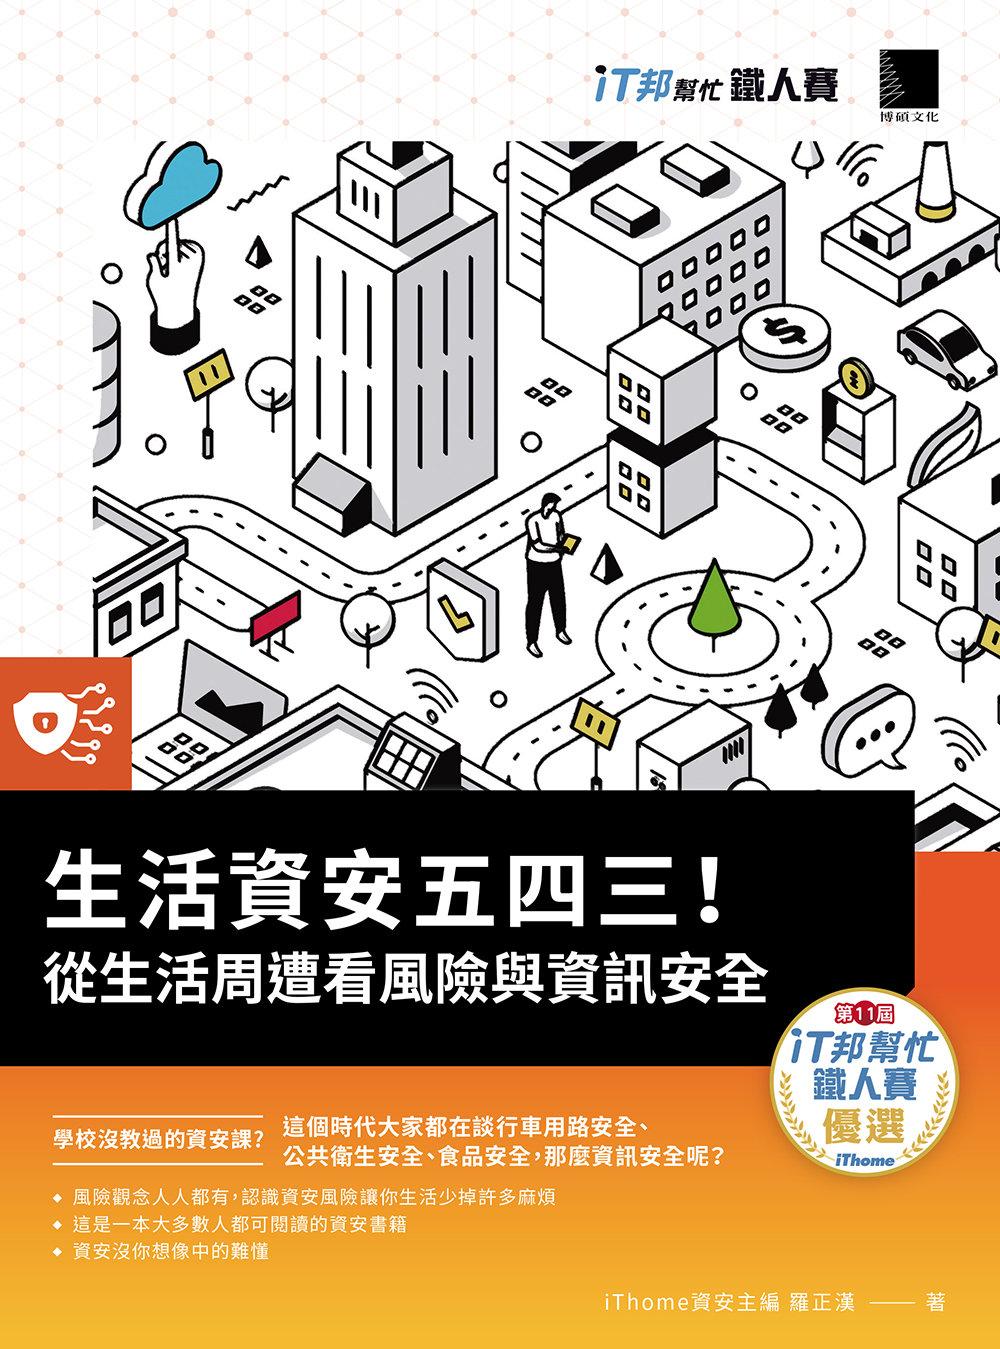 生活資安五四三!:從生活周遭看風險與資訊安全 (iT邦幫忙鐵人賽系列書)-preview-1